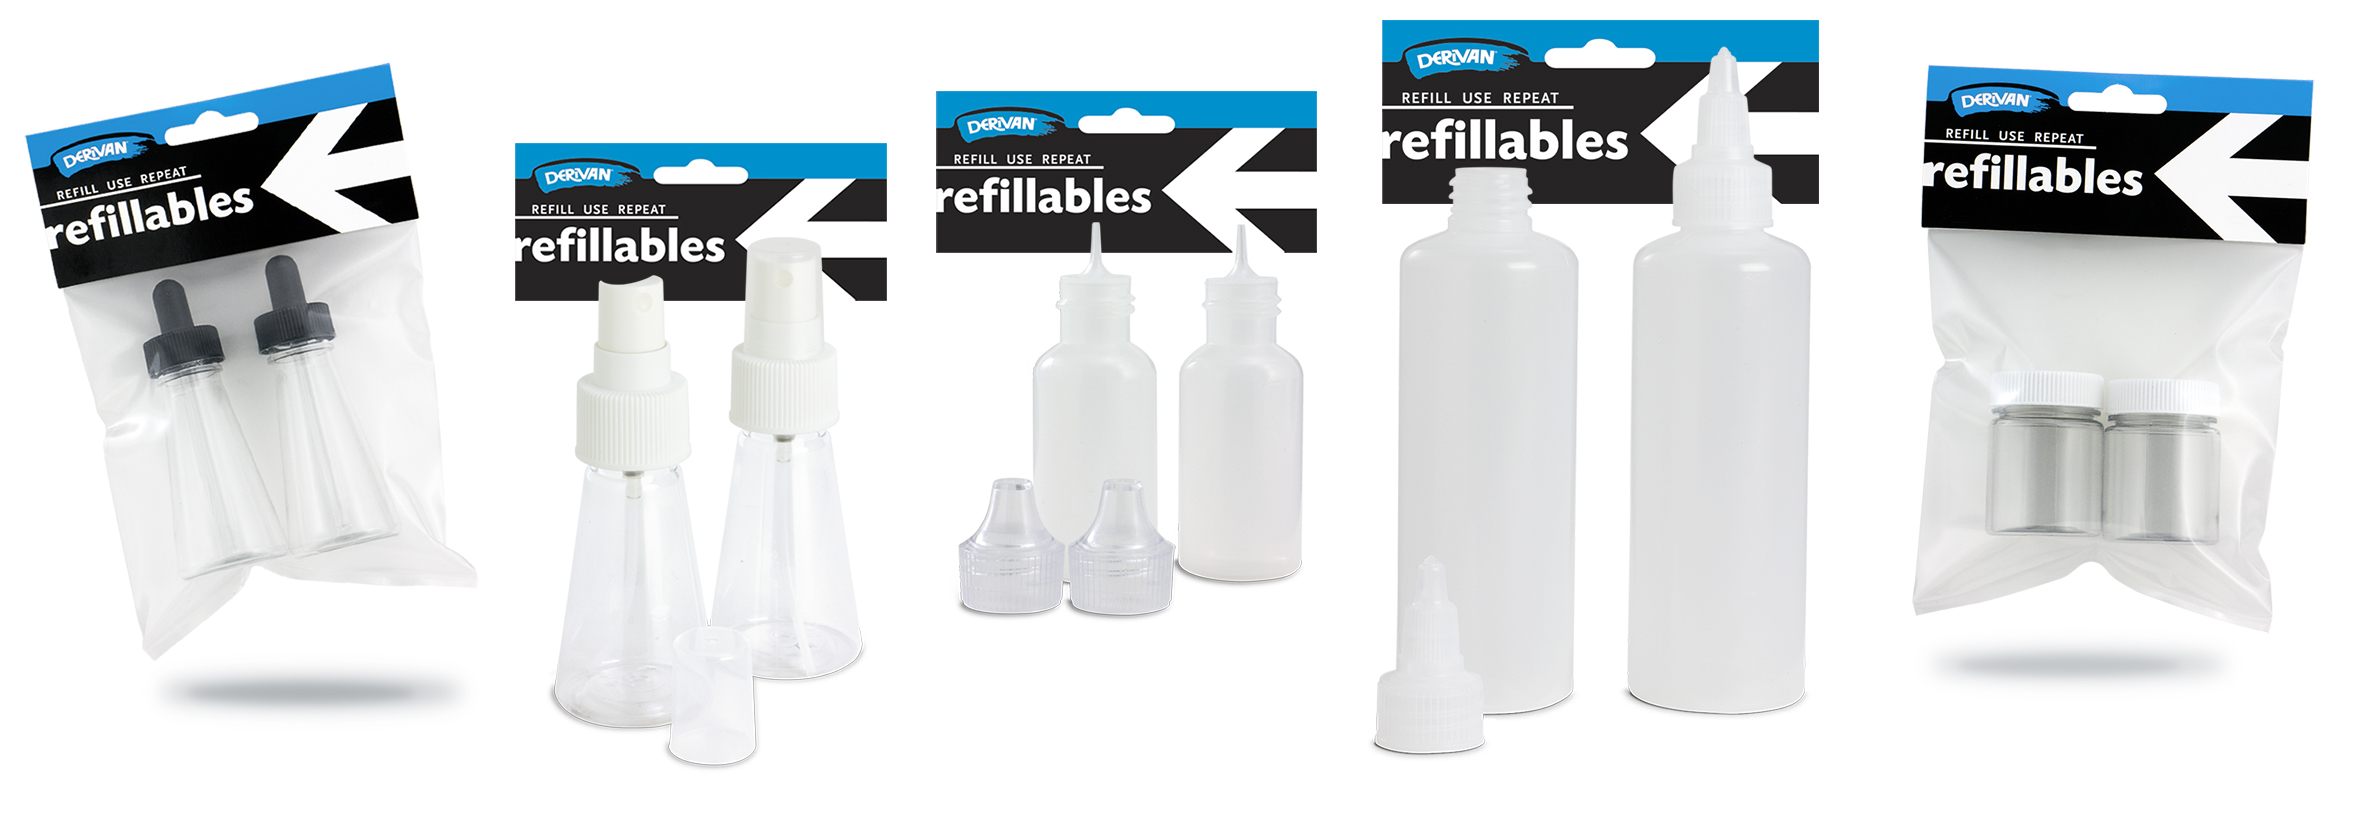 refillables-family.jpg